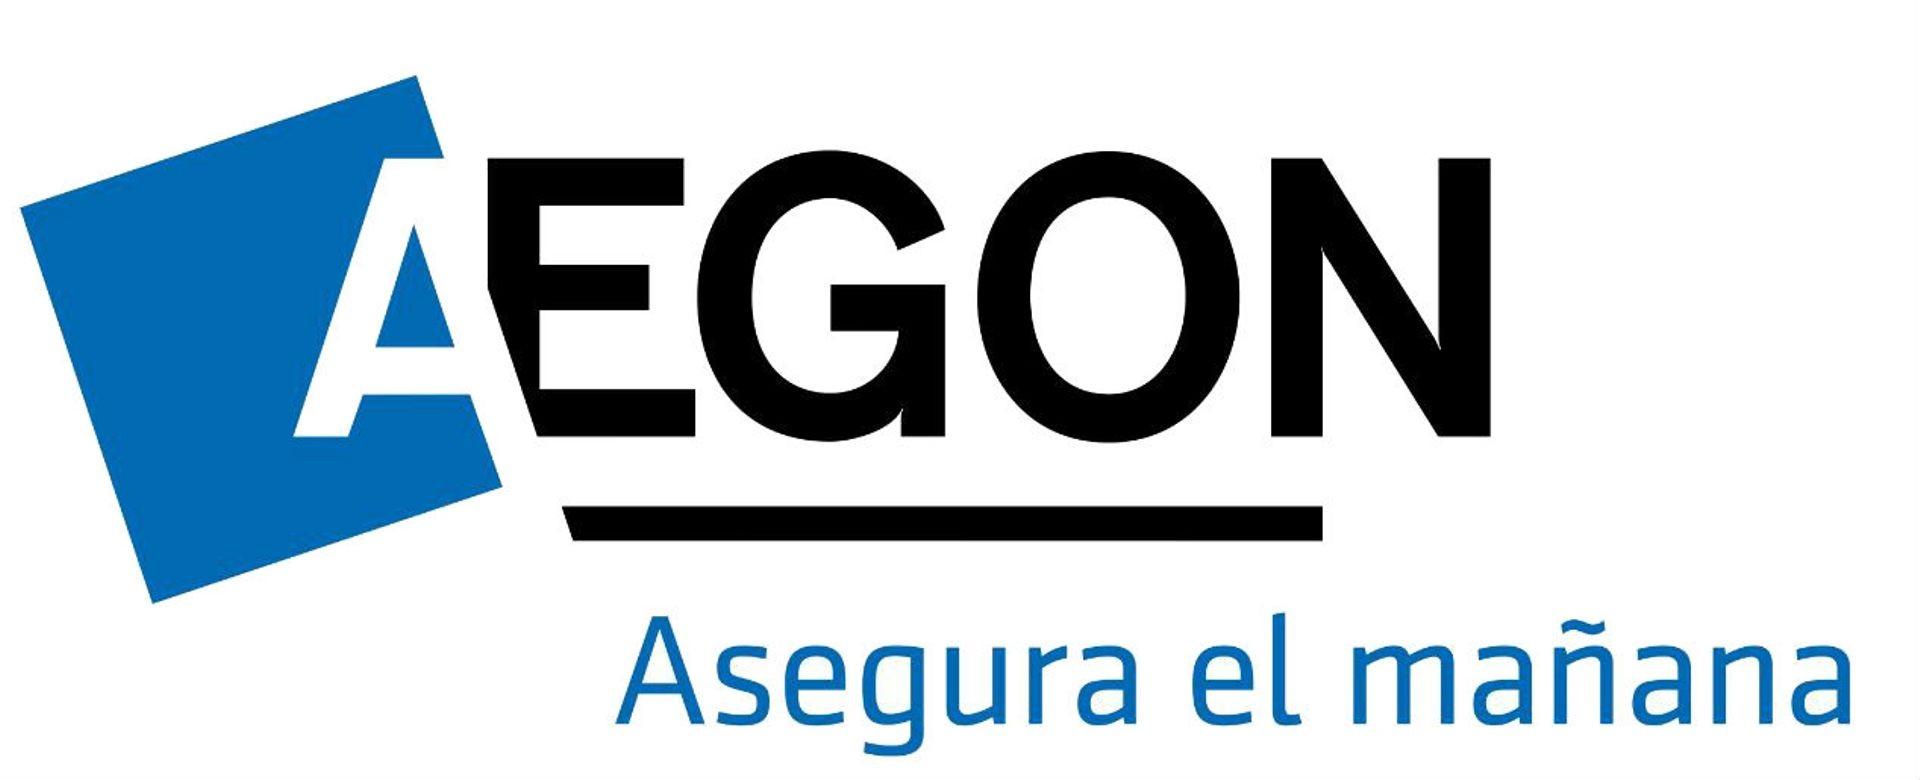 AEGON SEGUROS